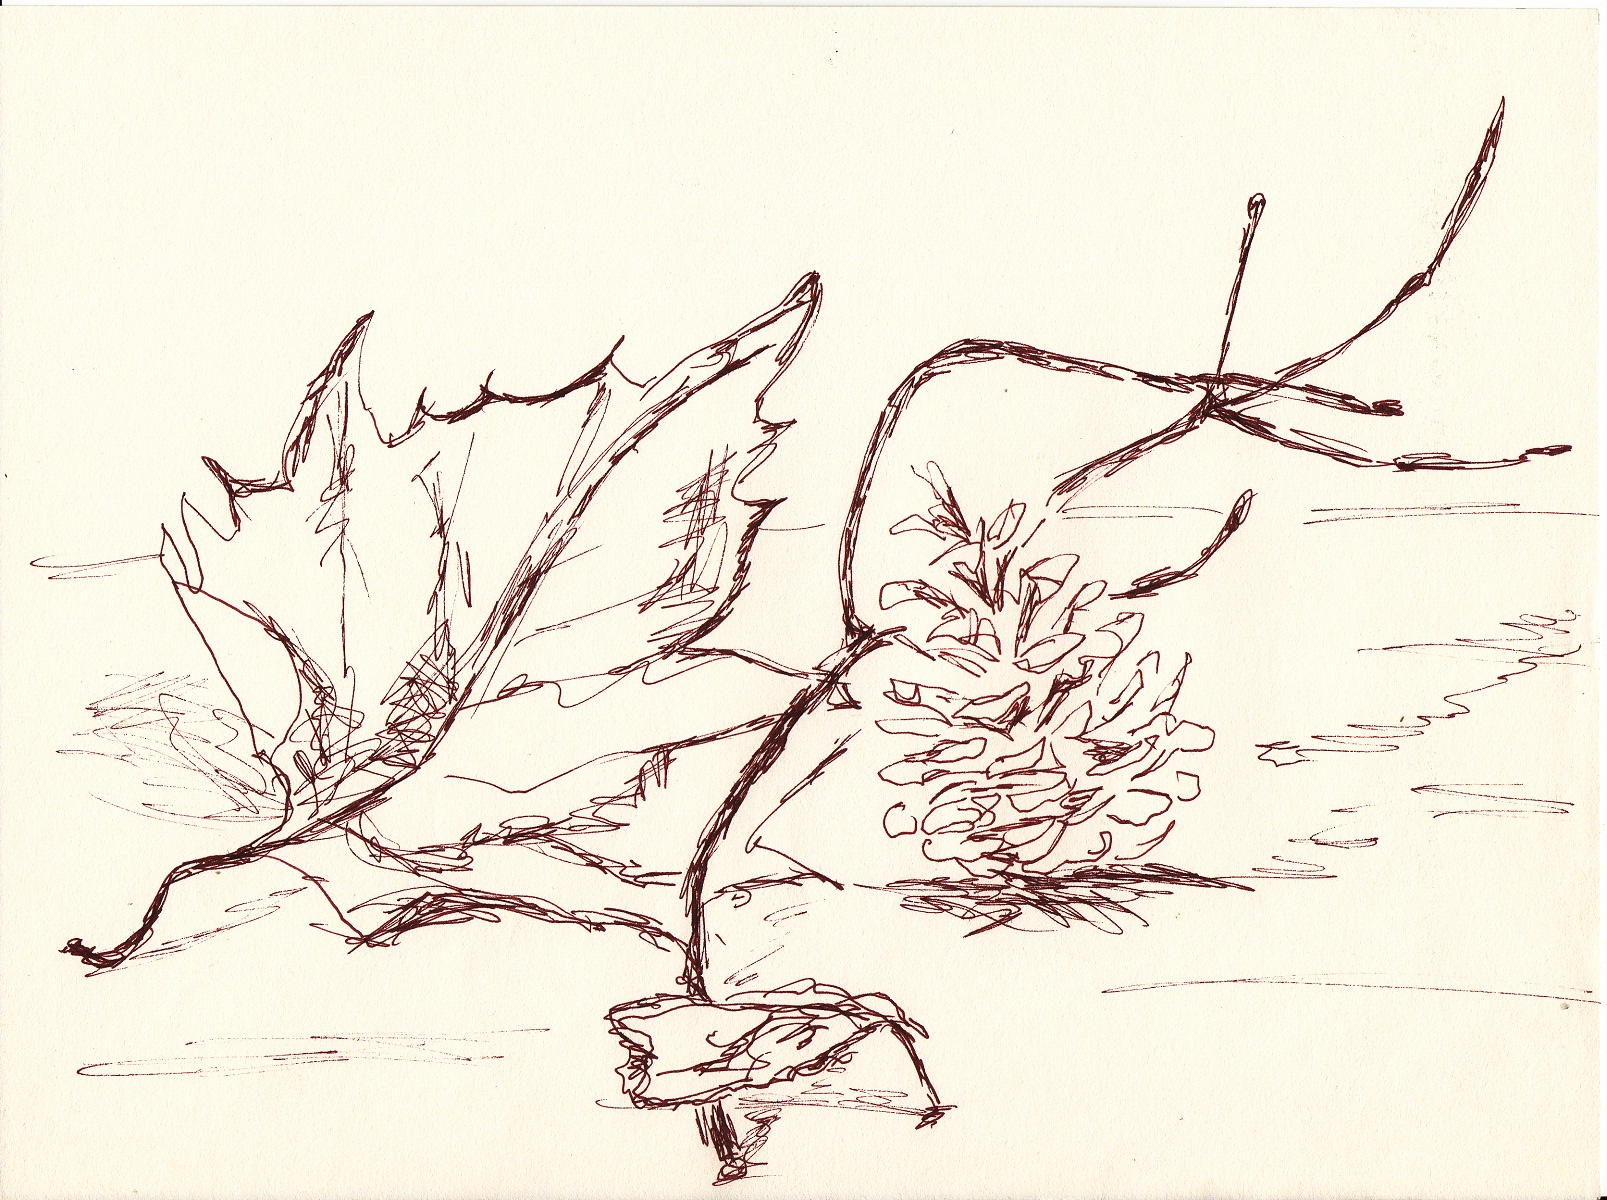 Blatt Zeichnen Mit Martina Wald